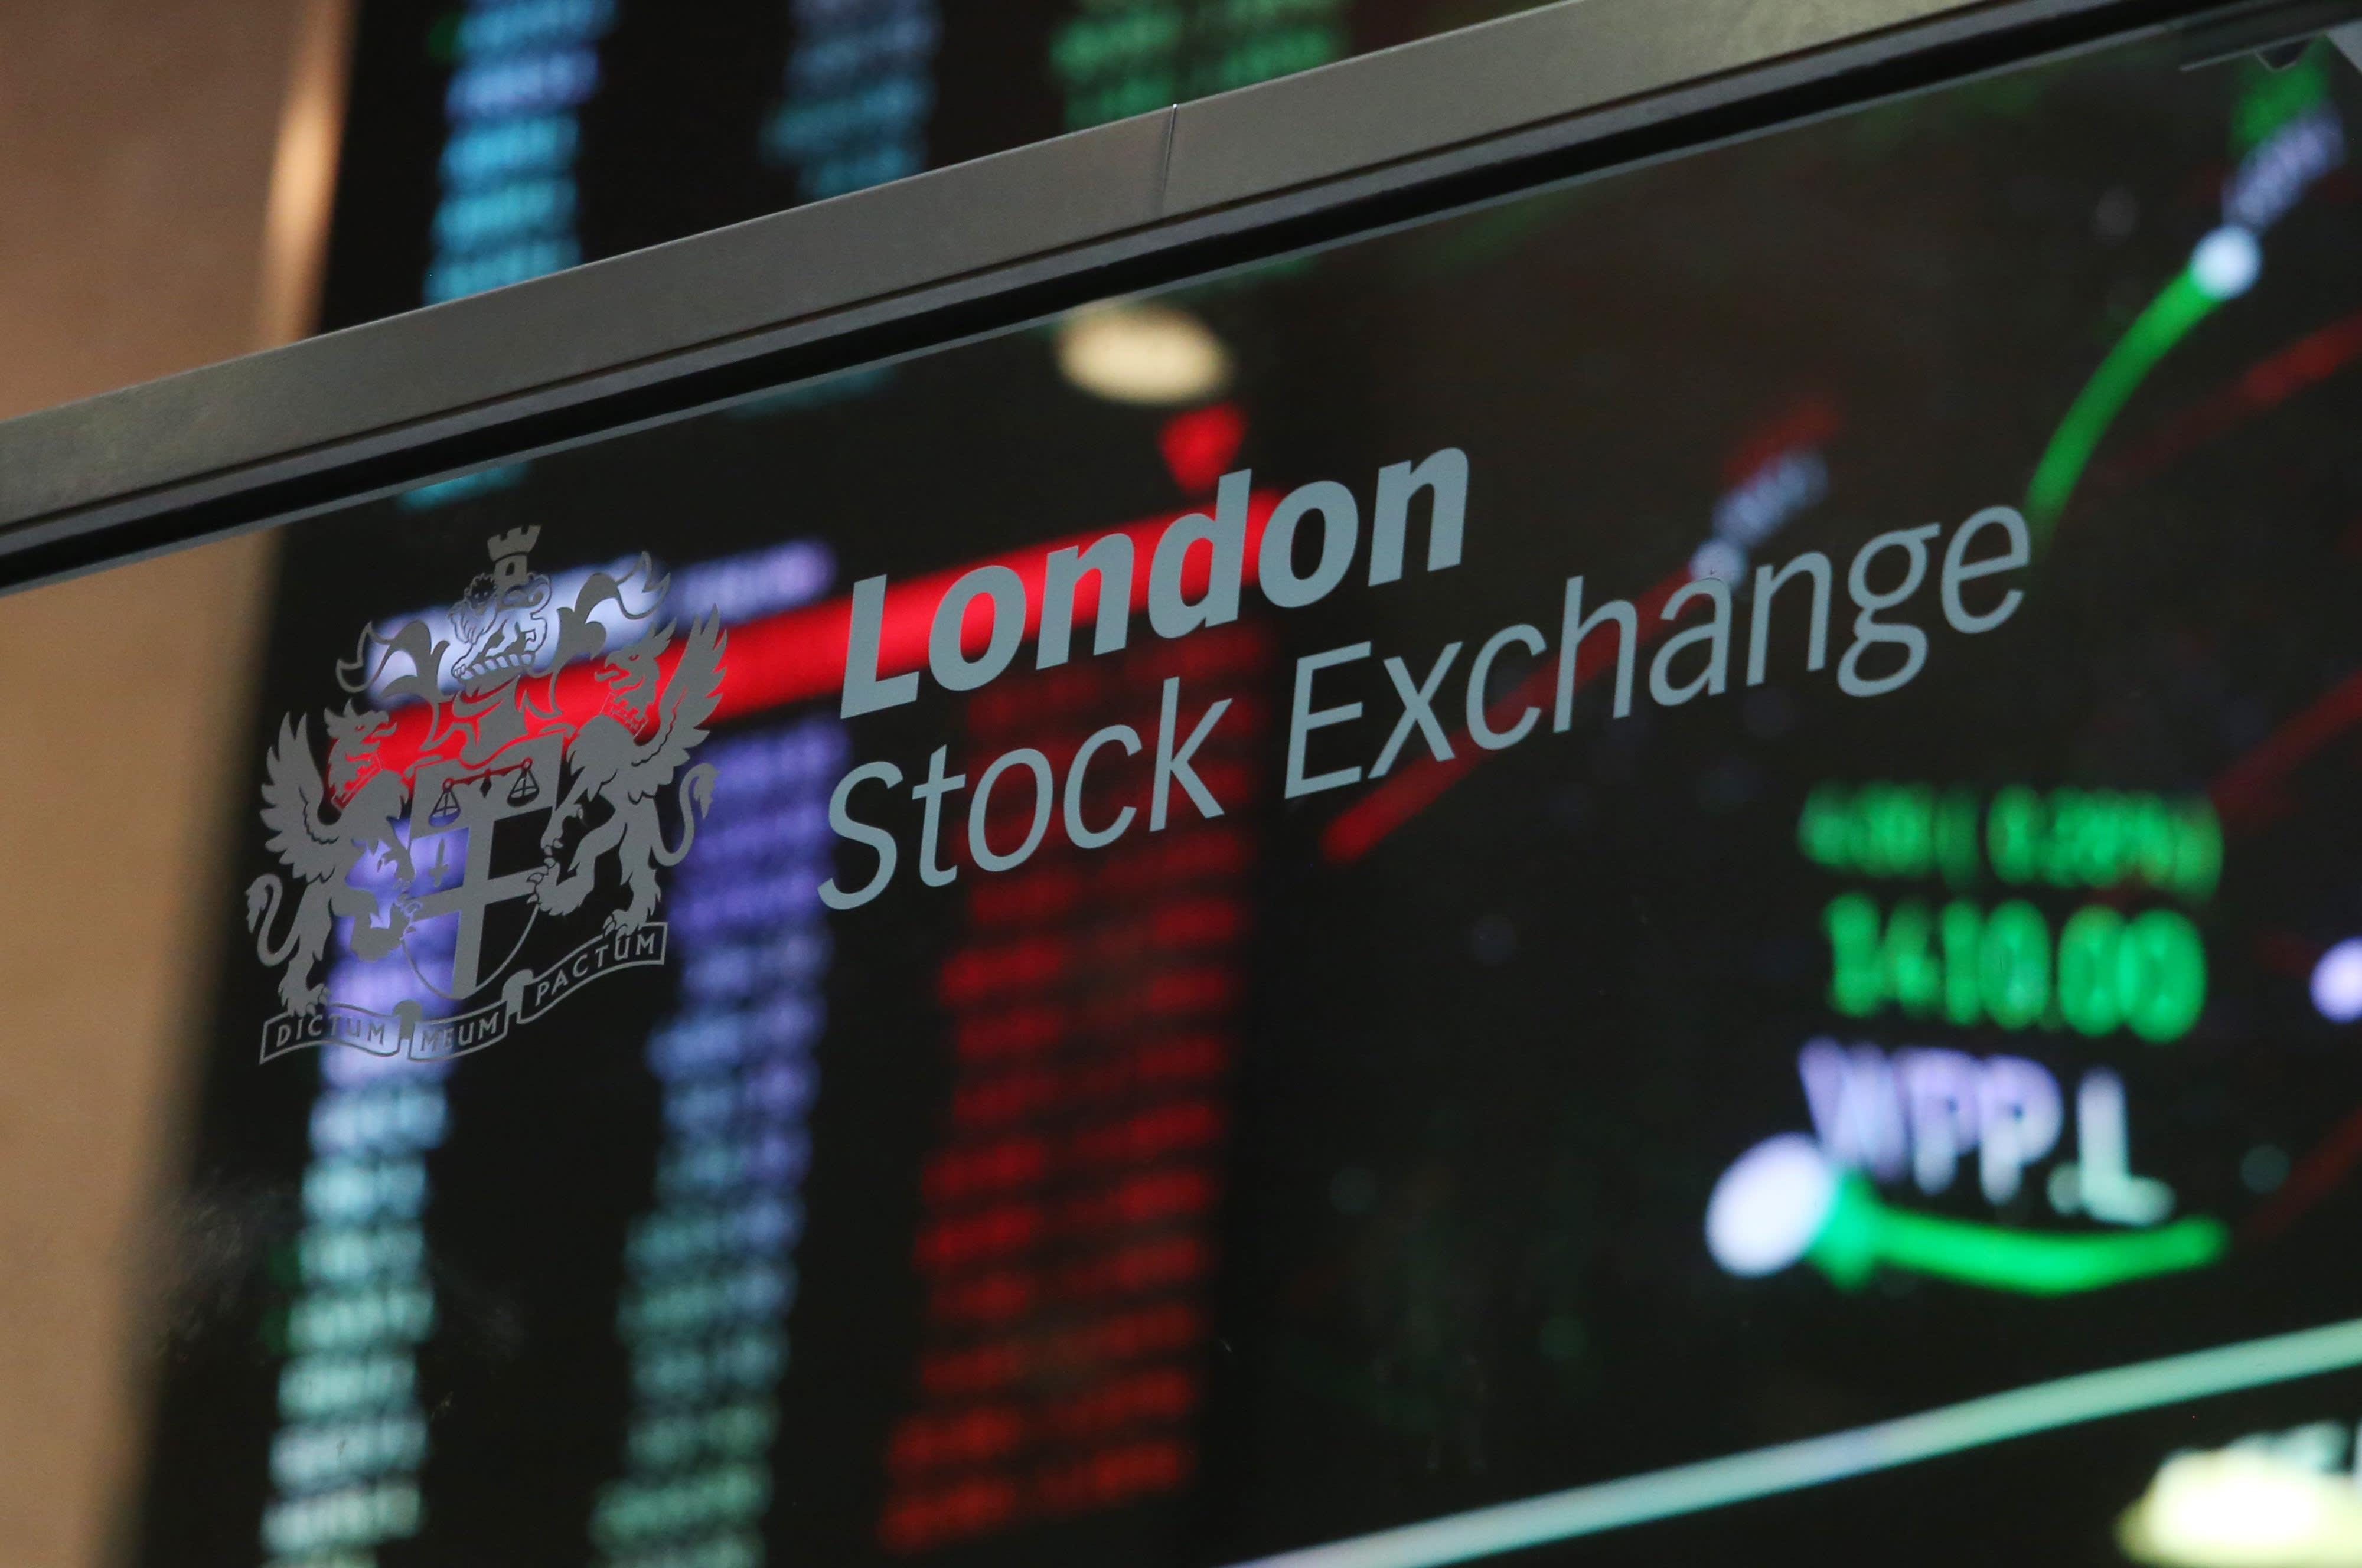 Markets brace for rocky 2019